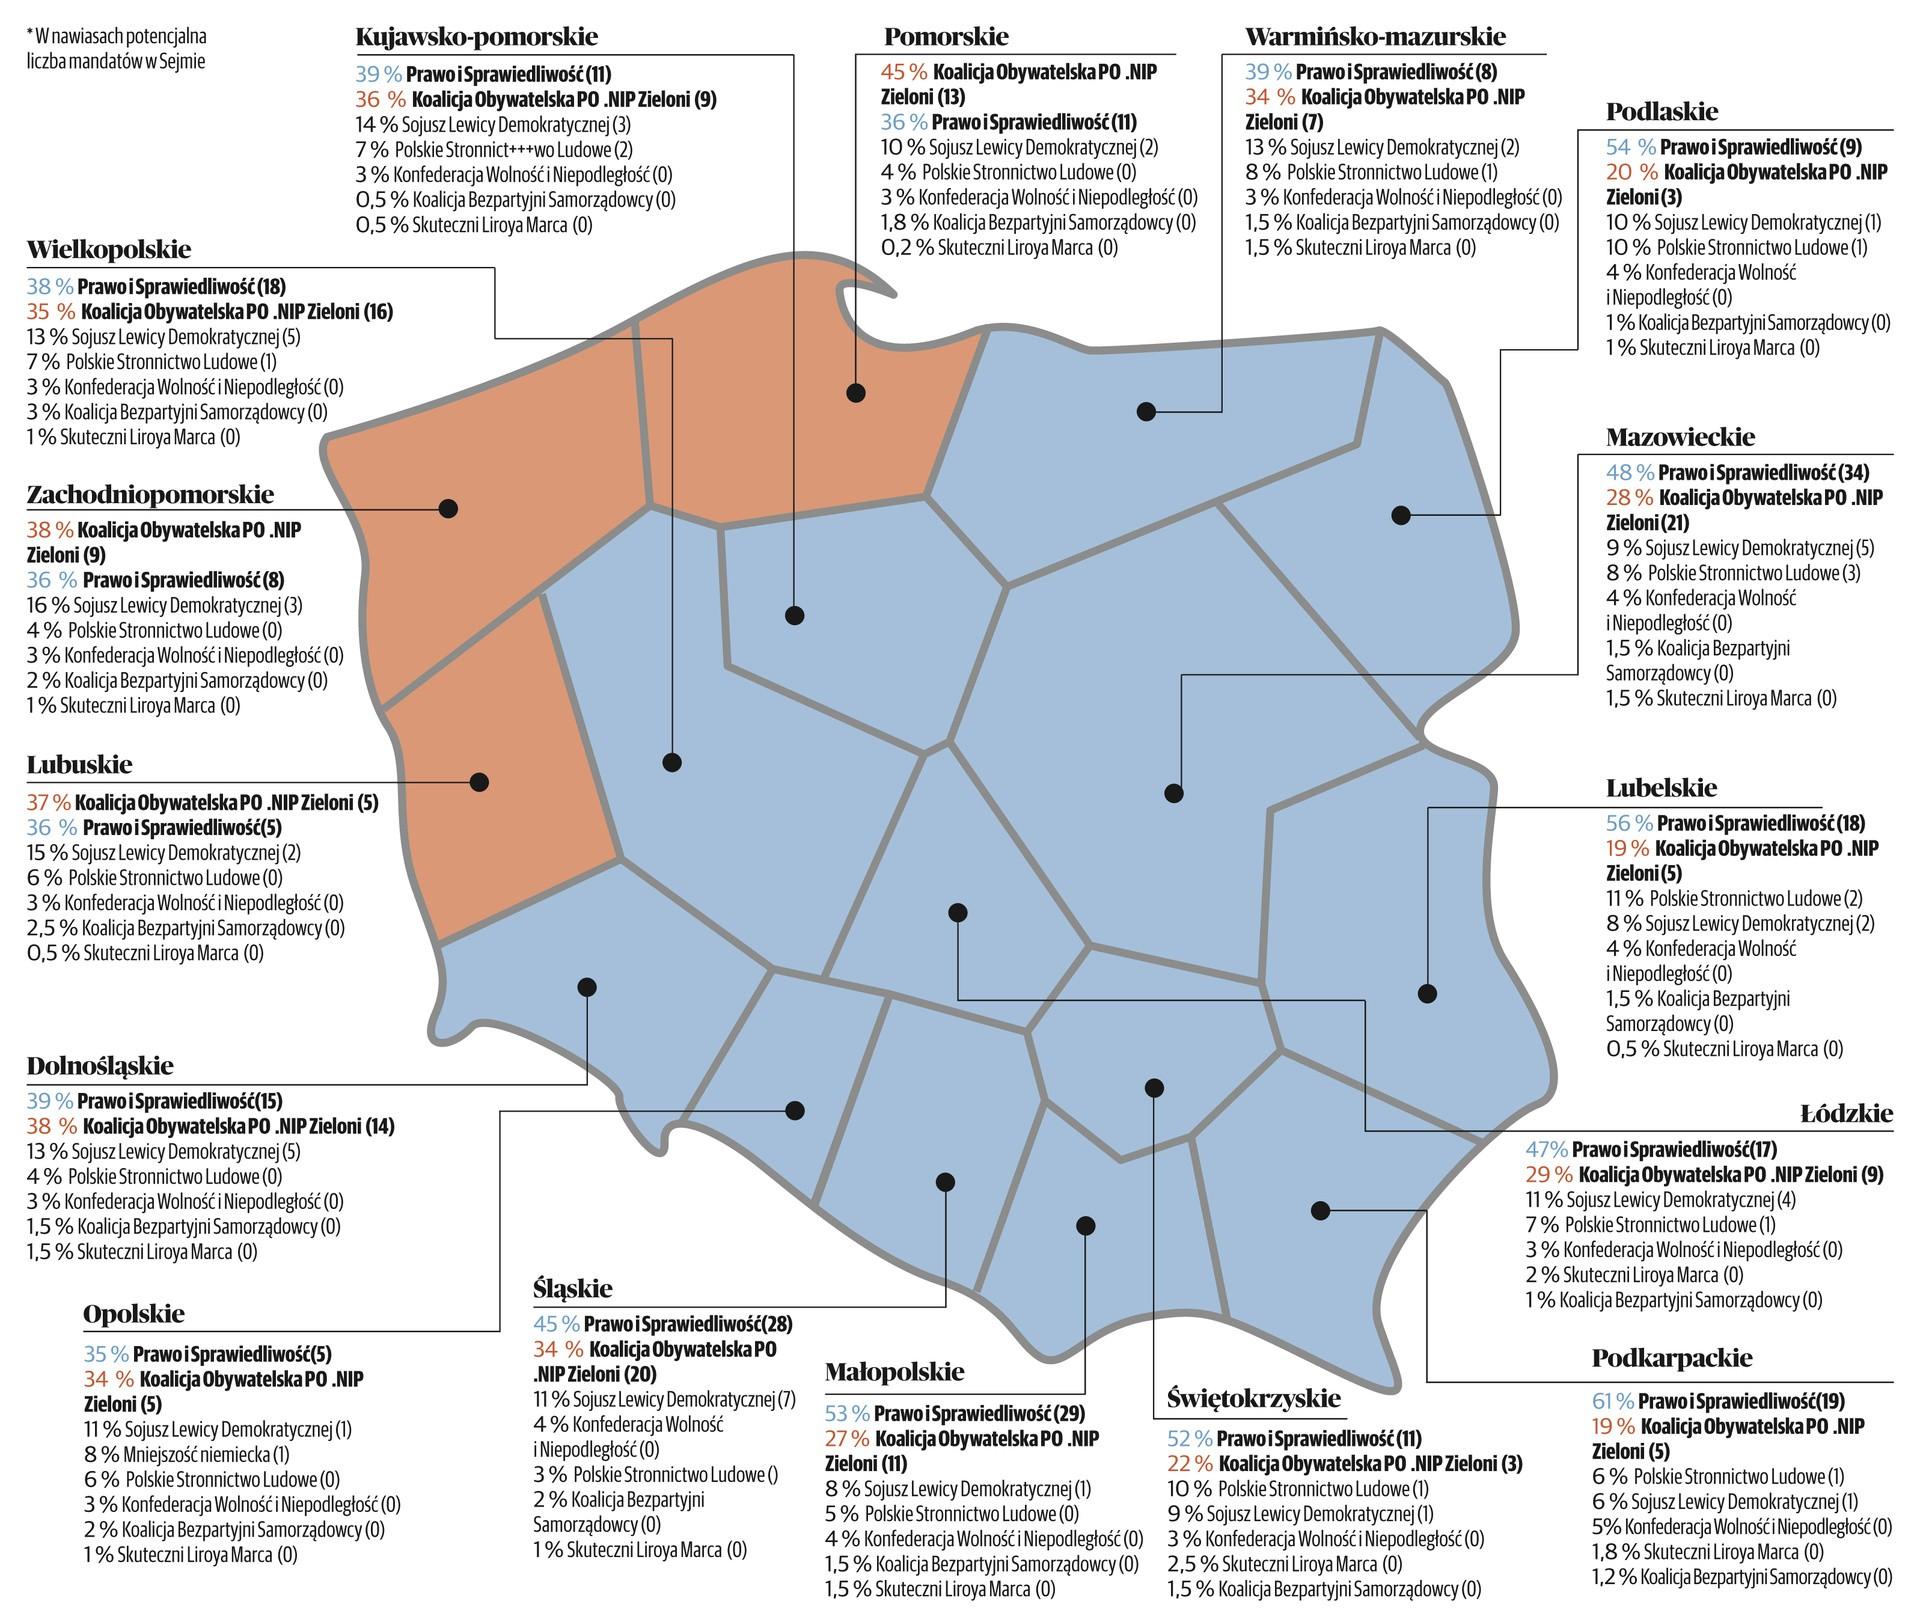 Wybory parlamentarne 2019. Sondaż Polska Press Grupy: PiS może liczyć na samodzielną większość. Tylko cztery partie w Sejmie